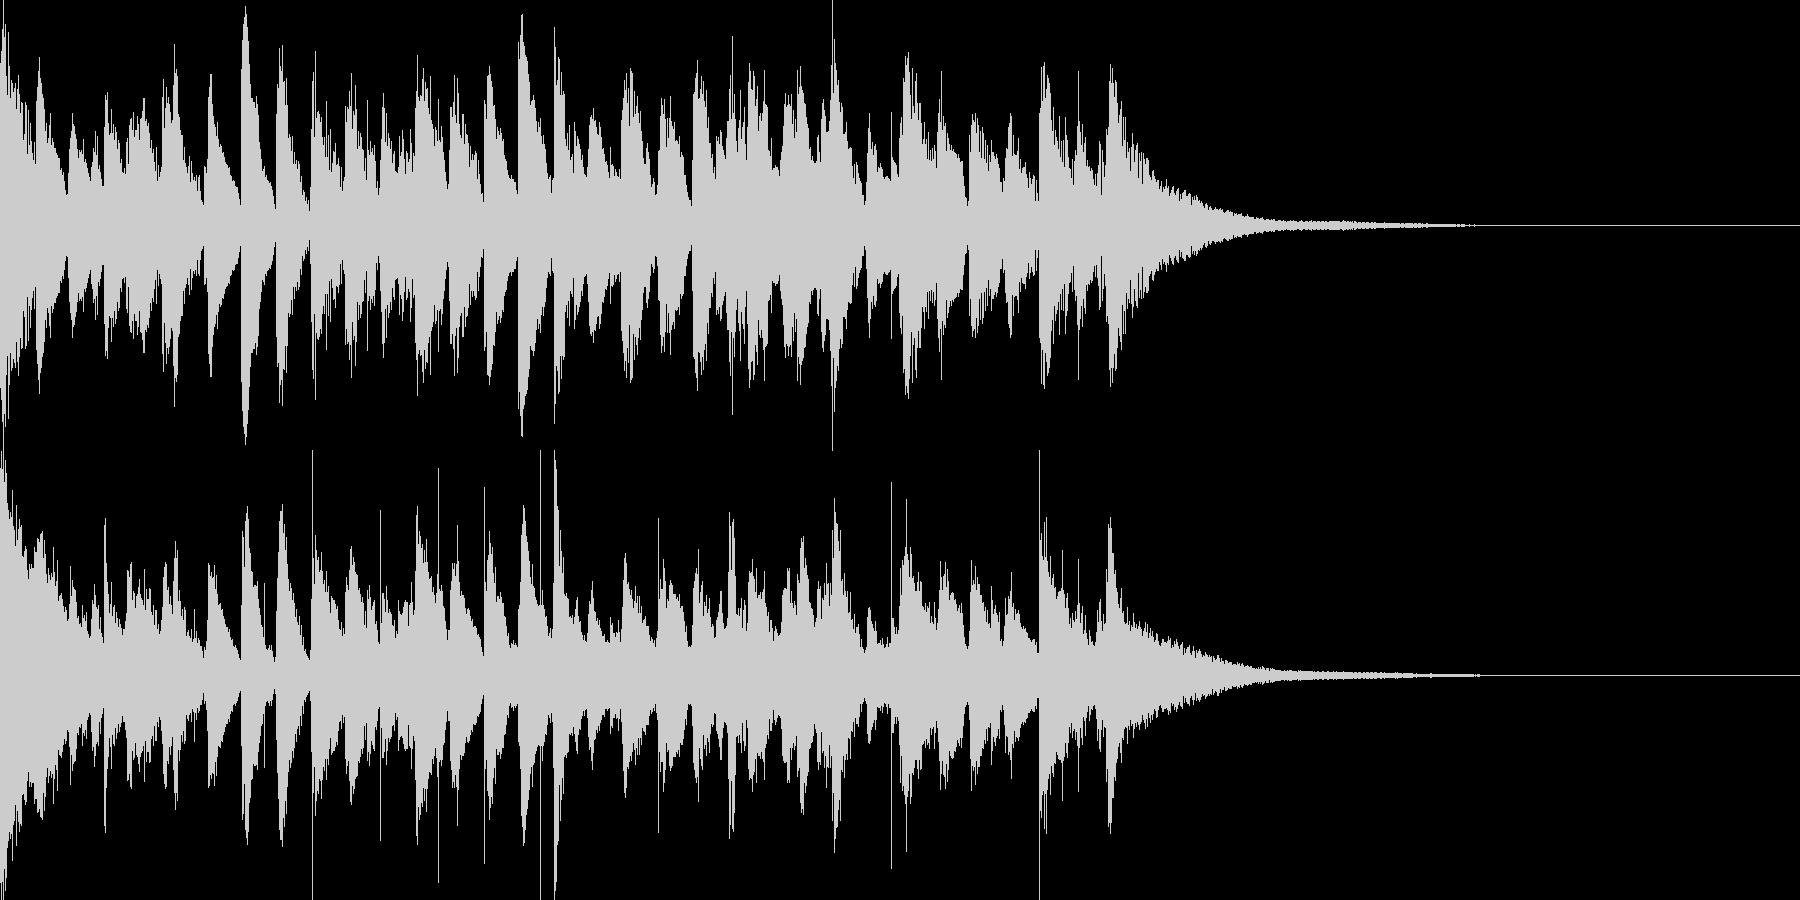 お洒落なジャズのジングル7アップテンポの未再生の波形